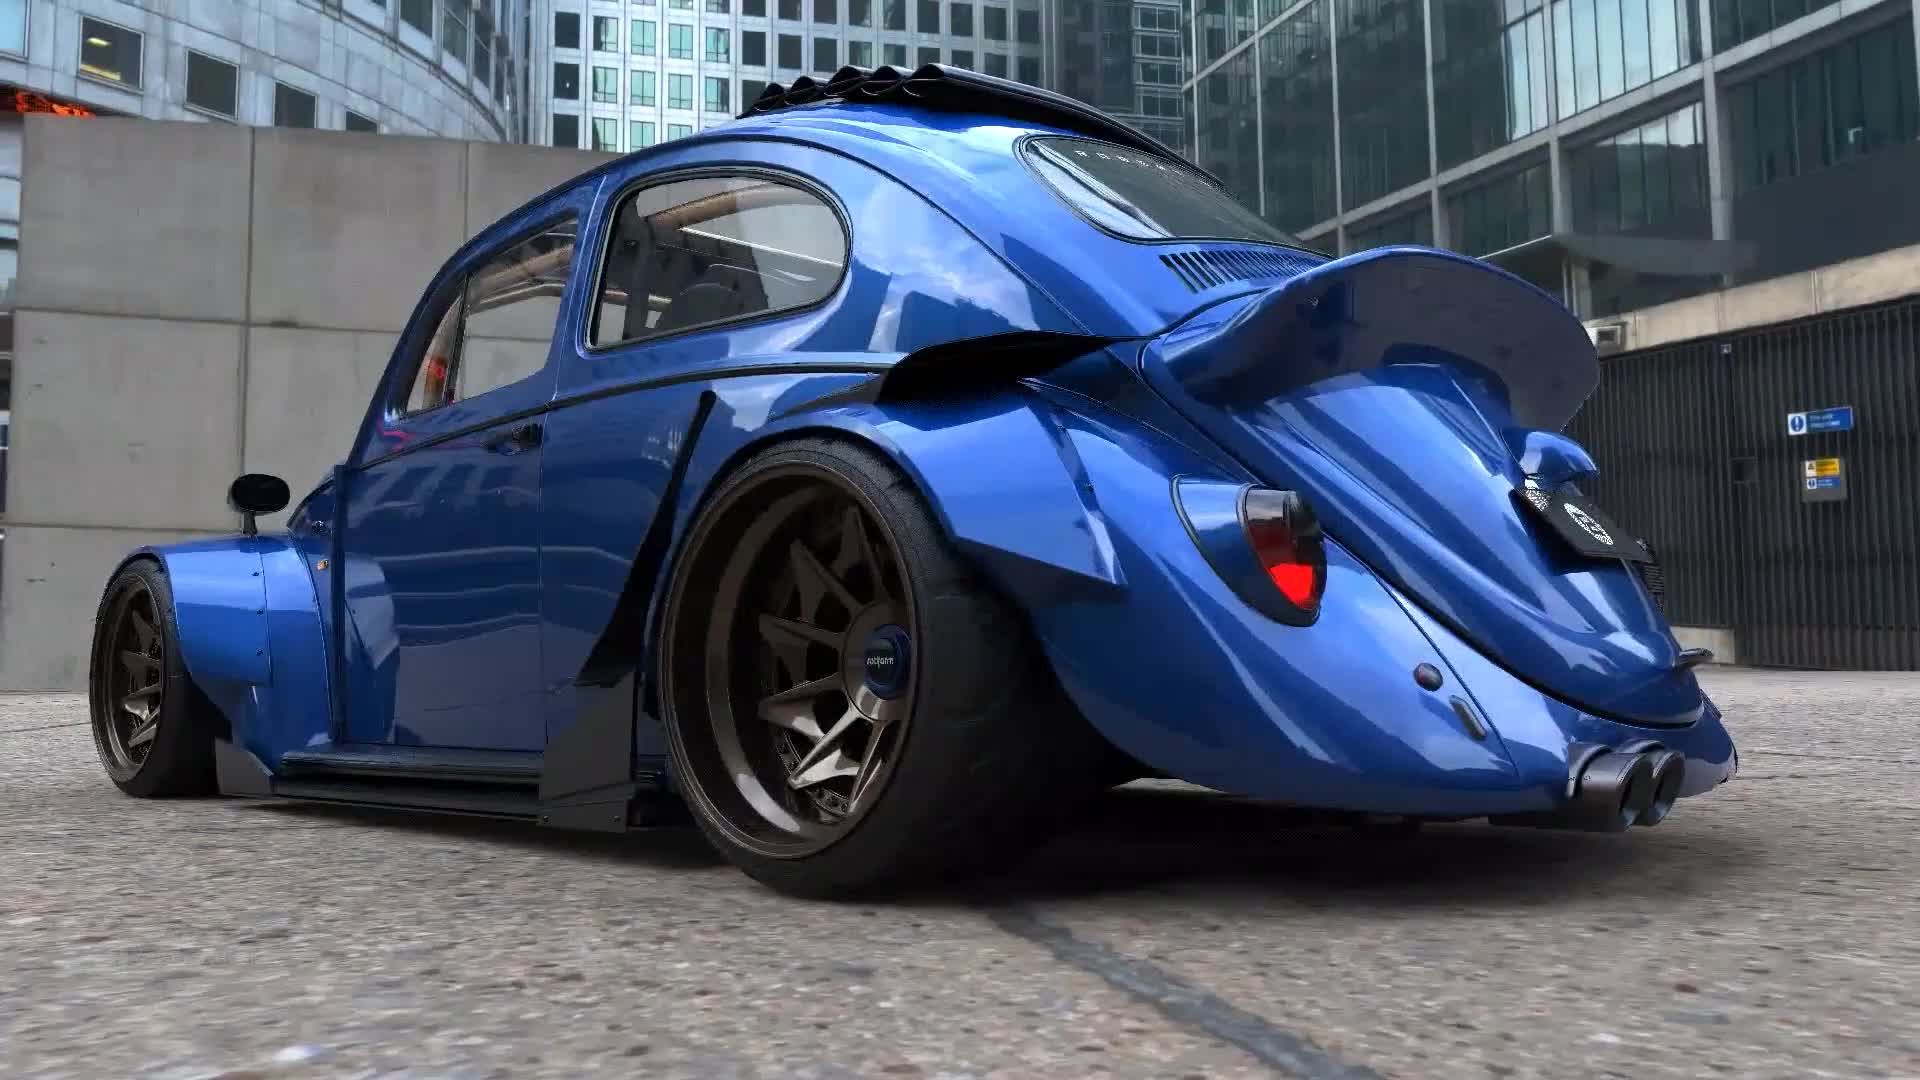 Ngắm con bọ Volkswagen độ Body cực ngầu